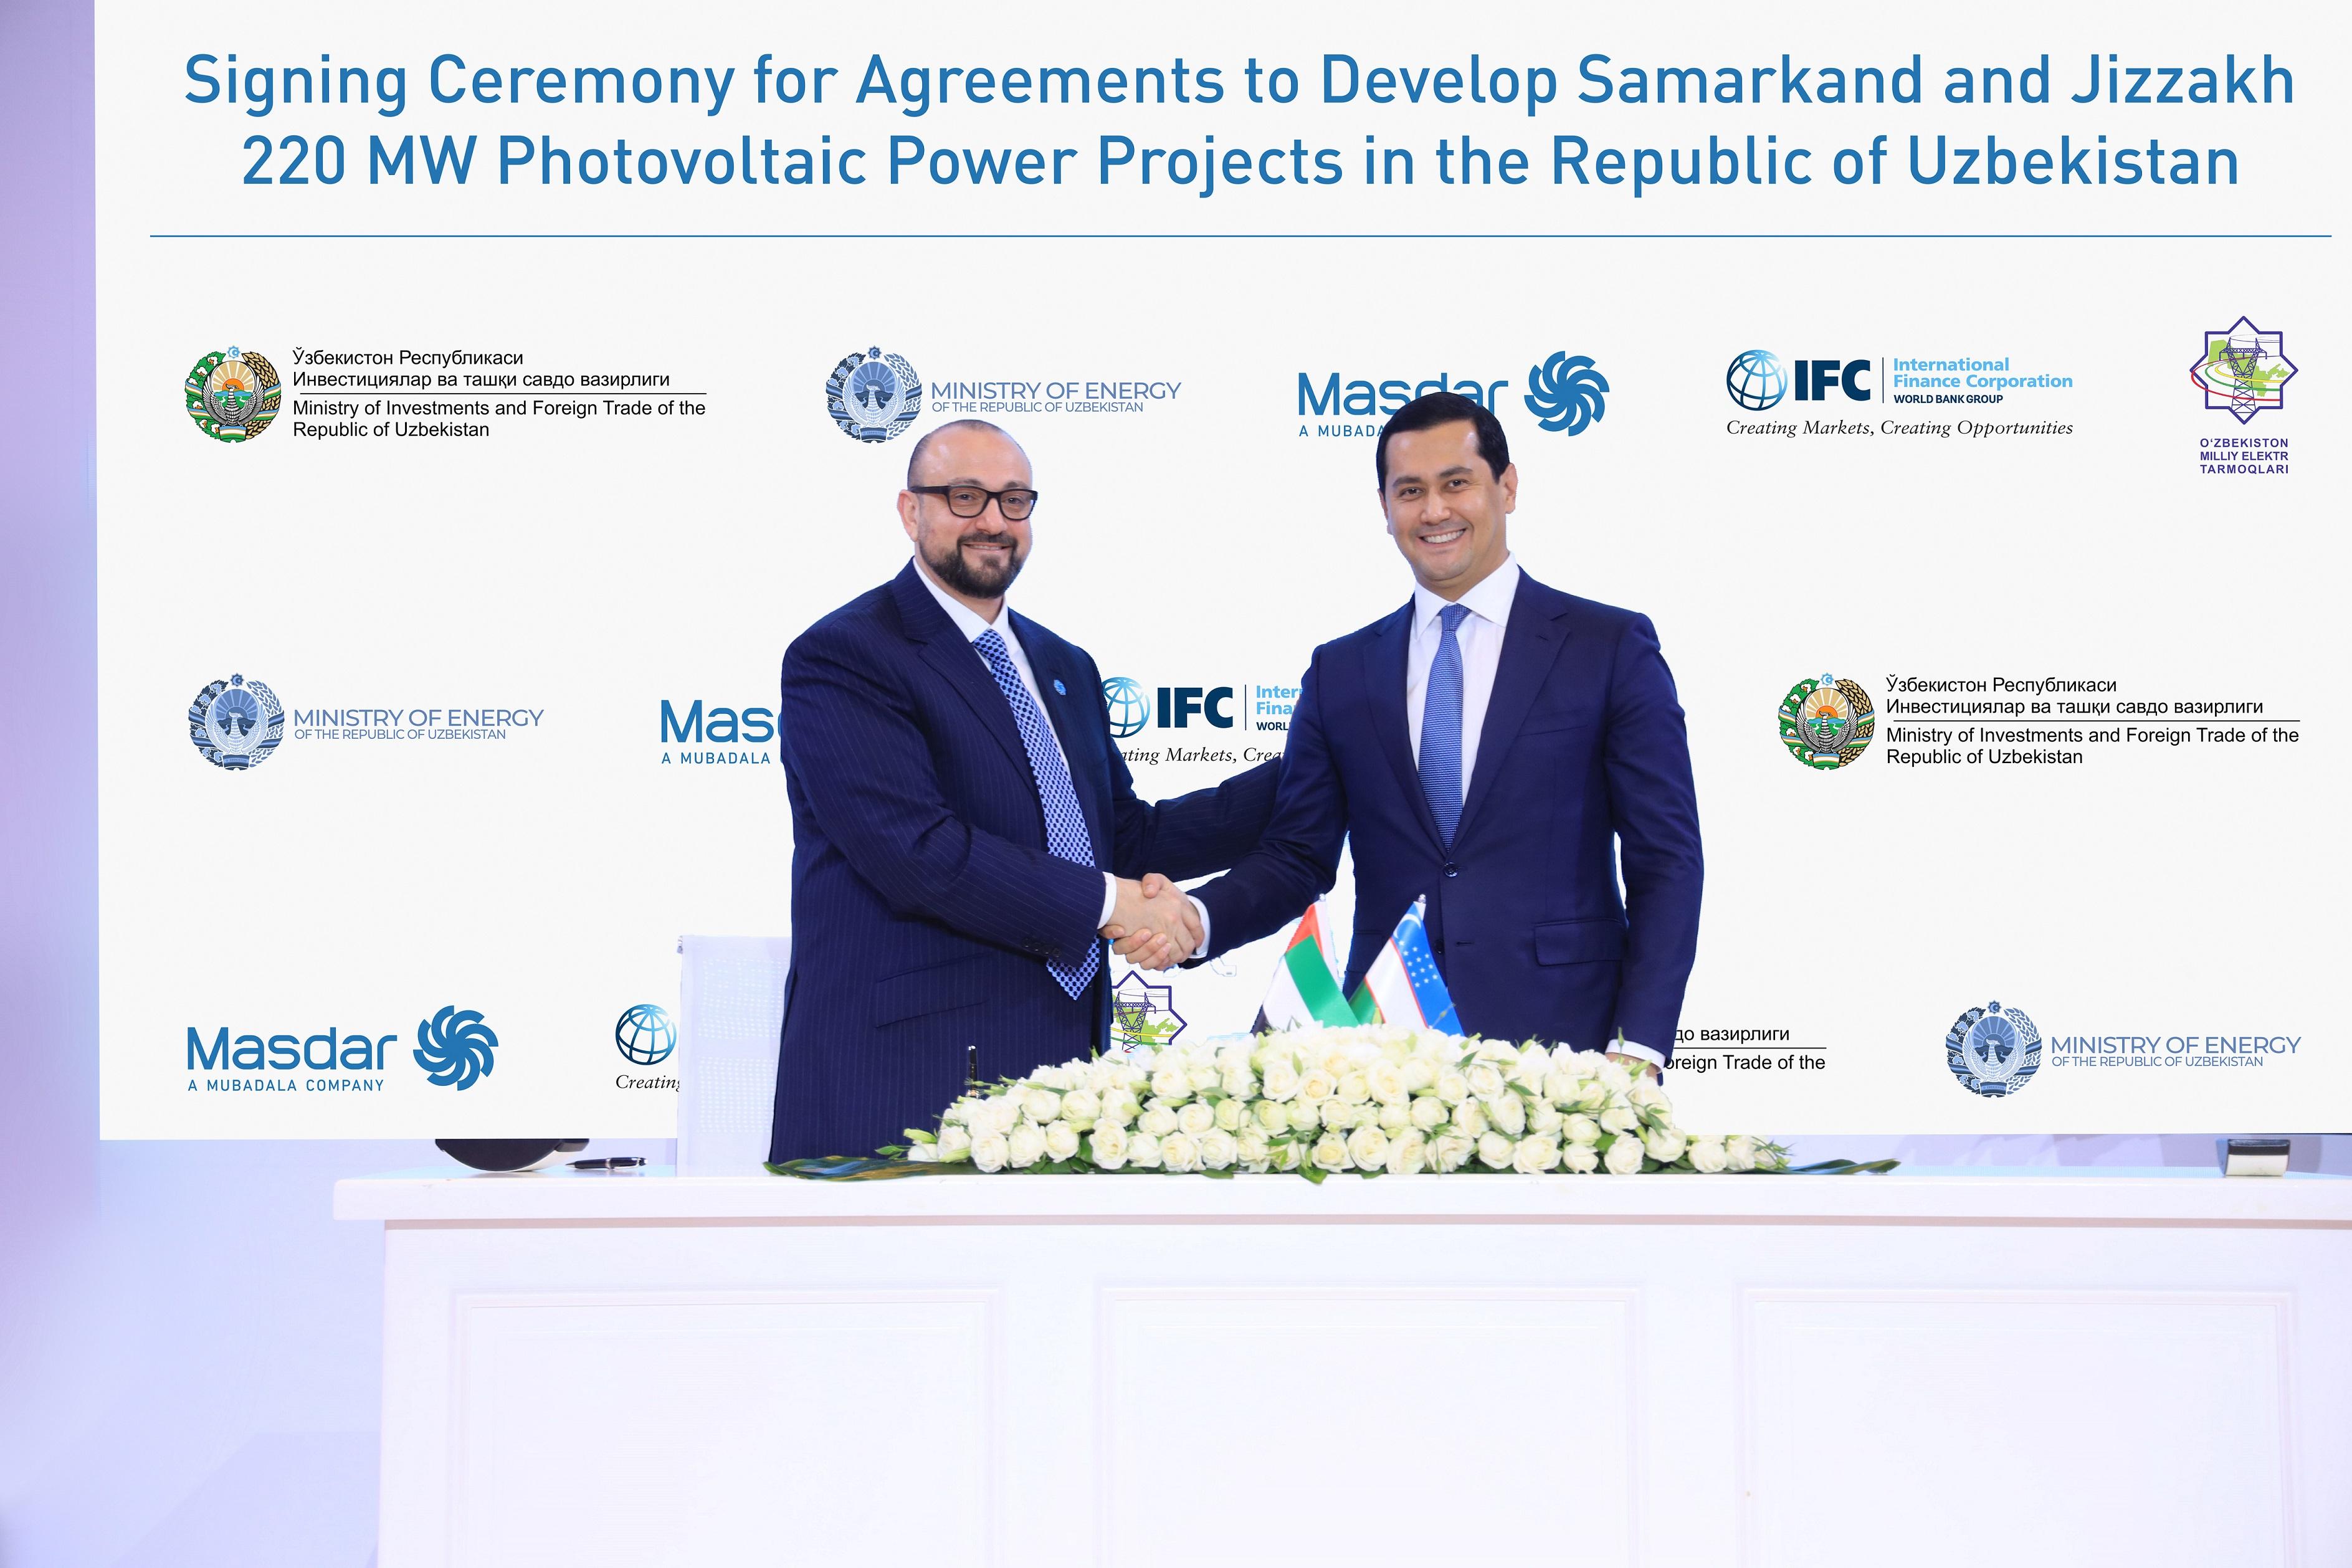 """""""مصدر"""" توسع أنشطتها في أوزبكستان عبر اتفاقيتين لتطوير مشروعي طاقة شمسية"""